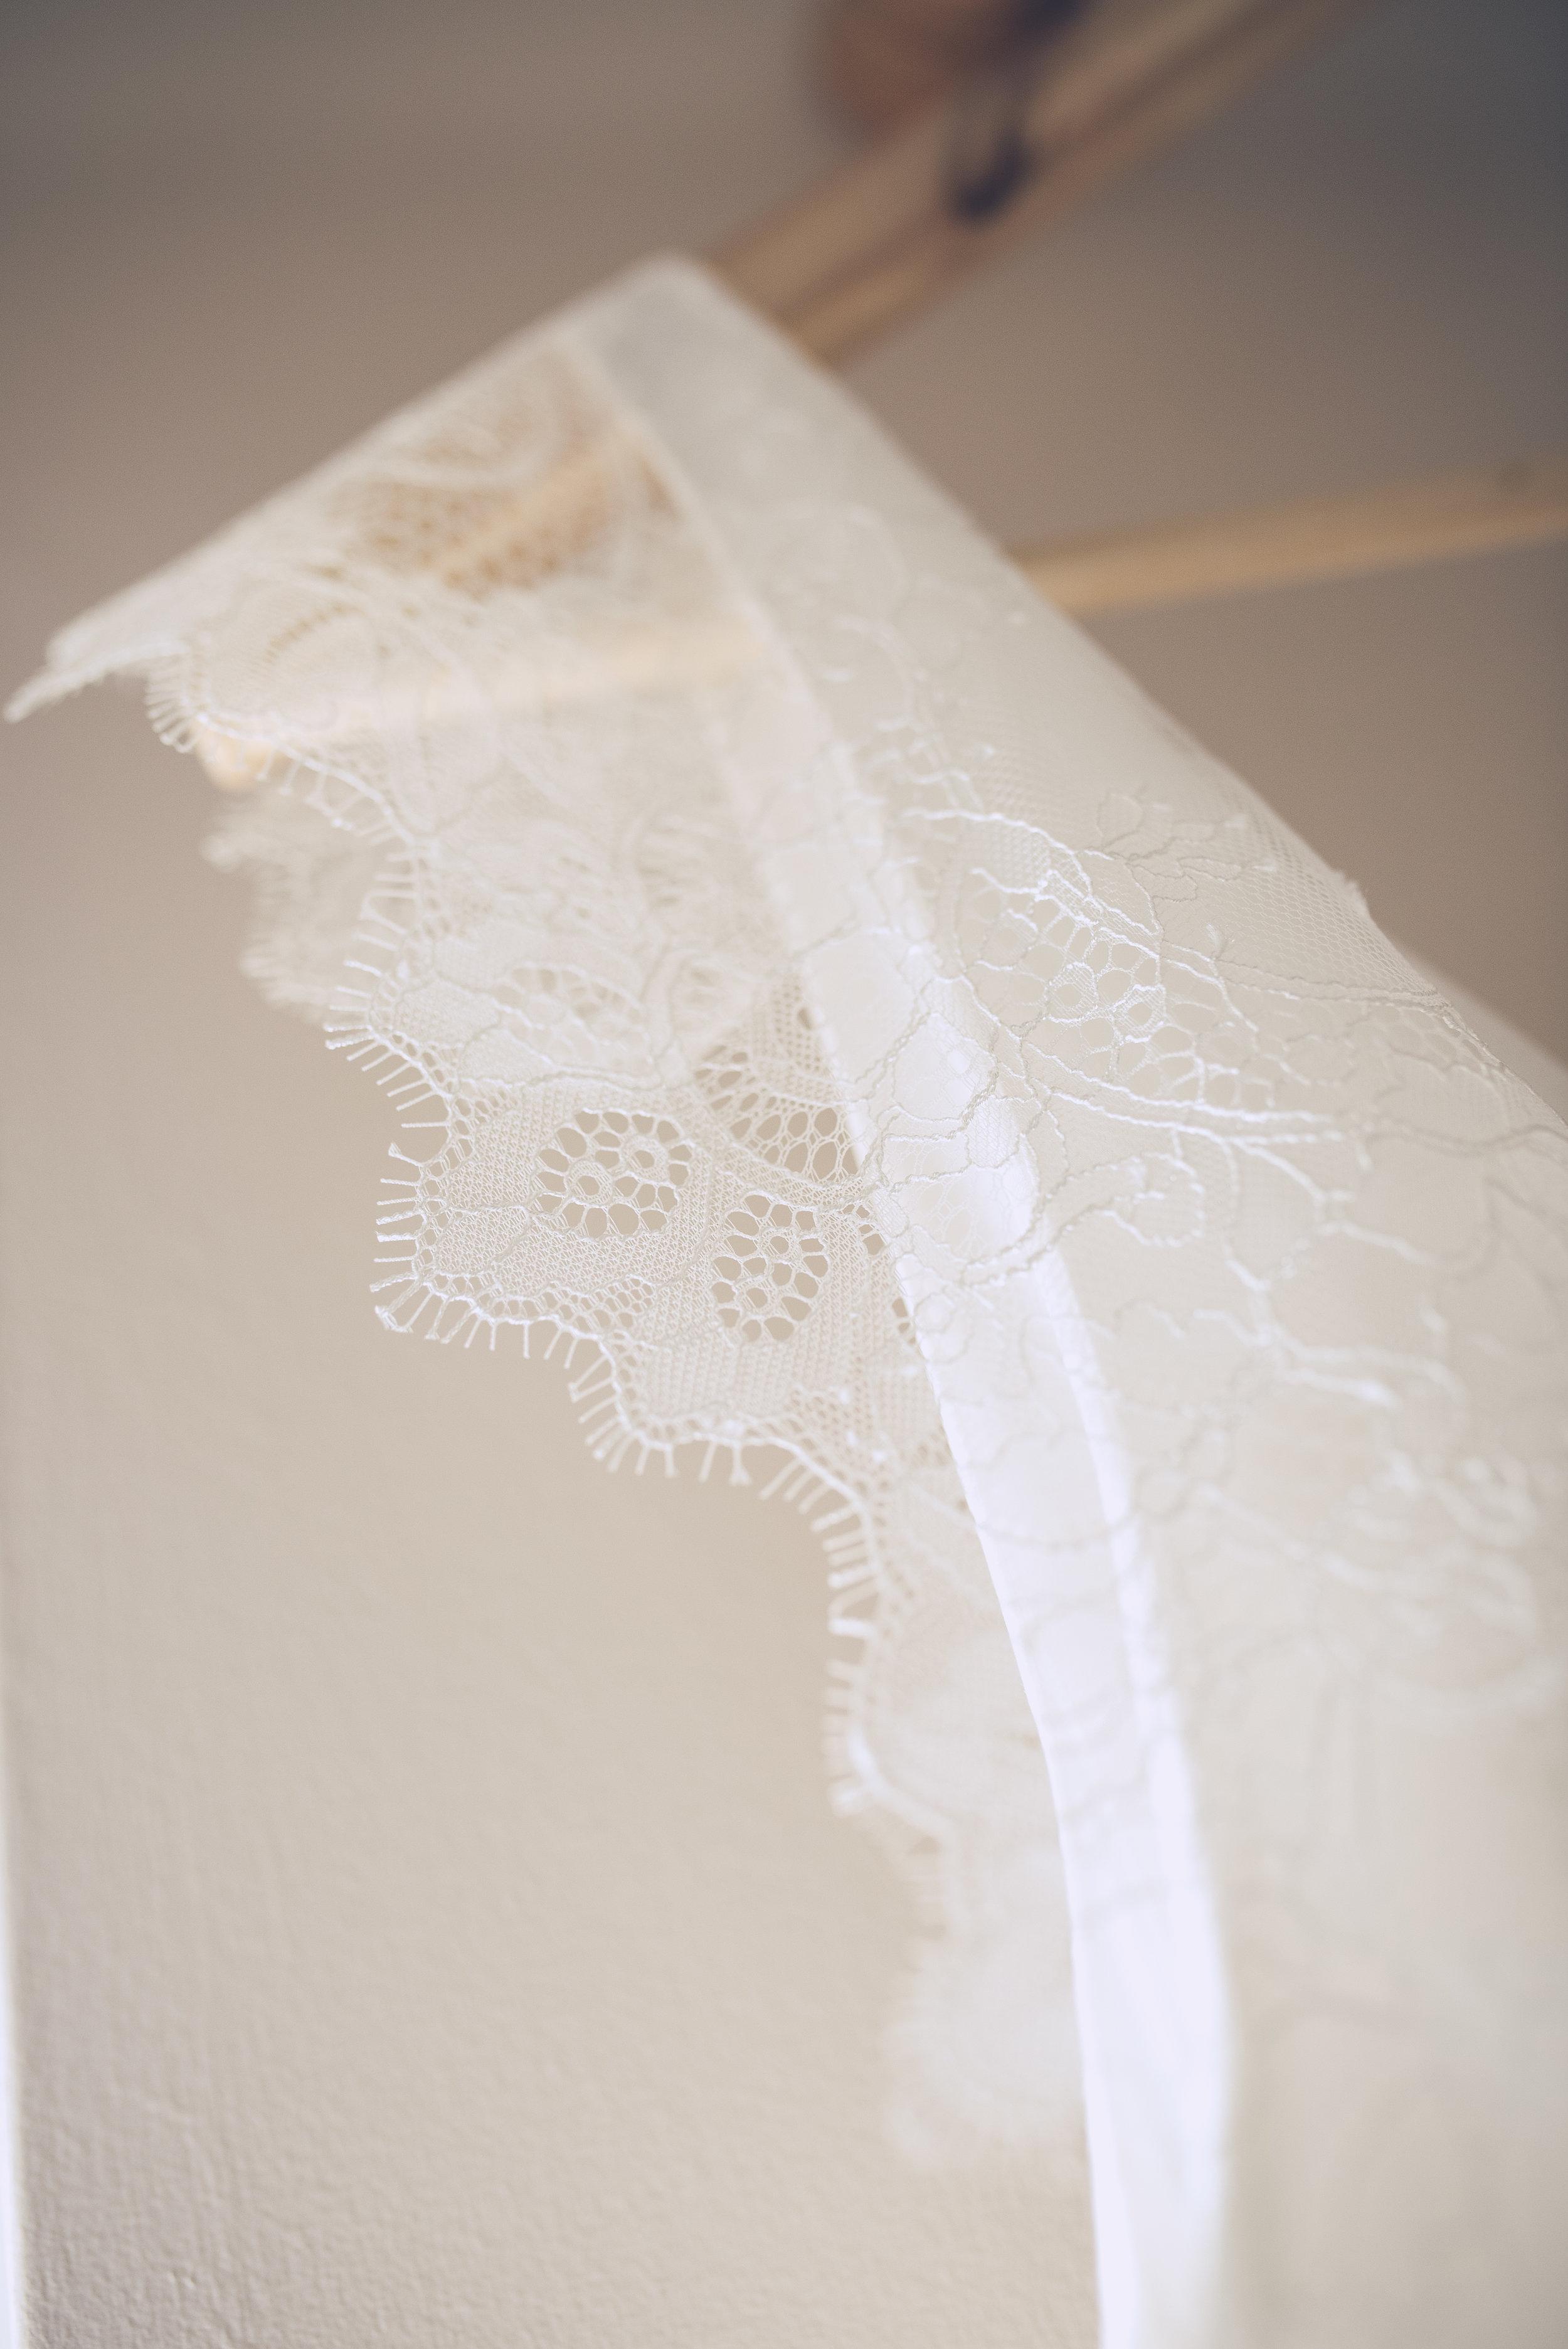 Sarah-Susanna-Greening-Bias-Vintage-Lace-Wedding-Dress-Bespoke-Matlock-Derbyshire-2